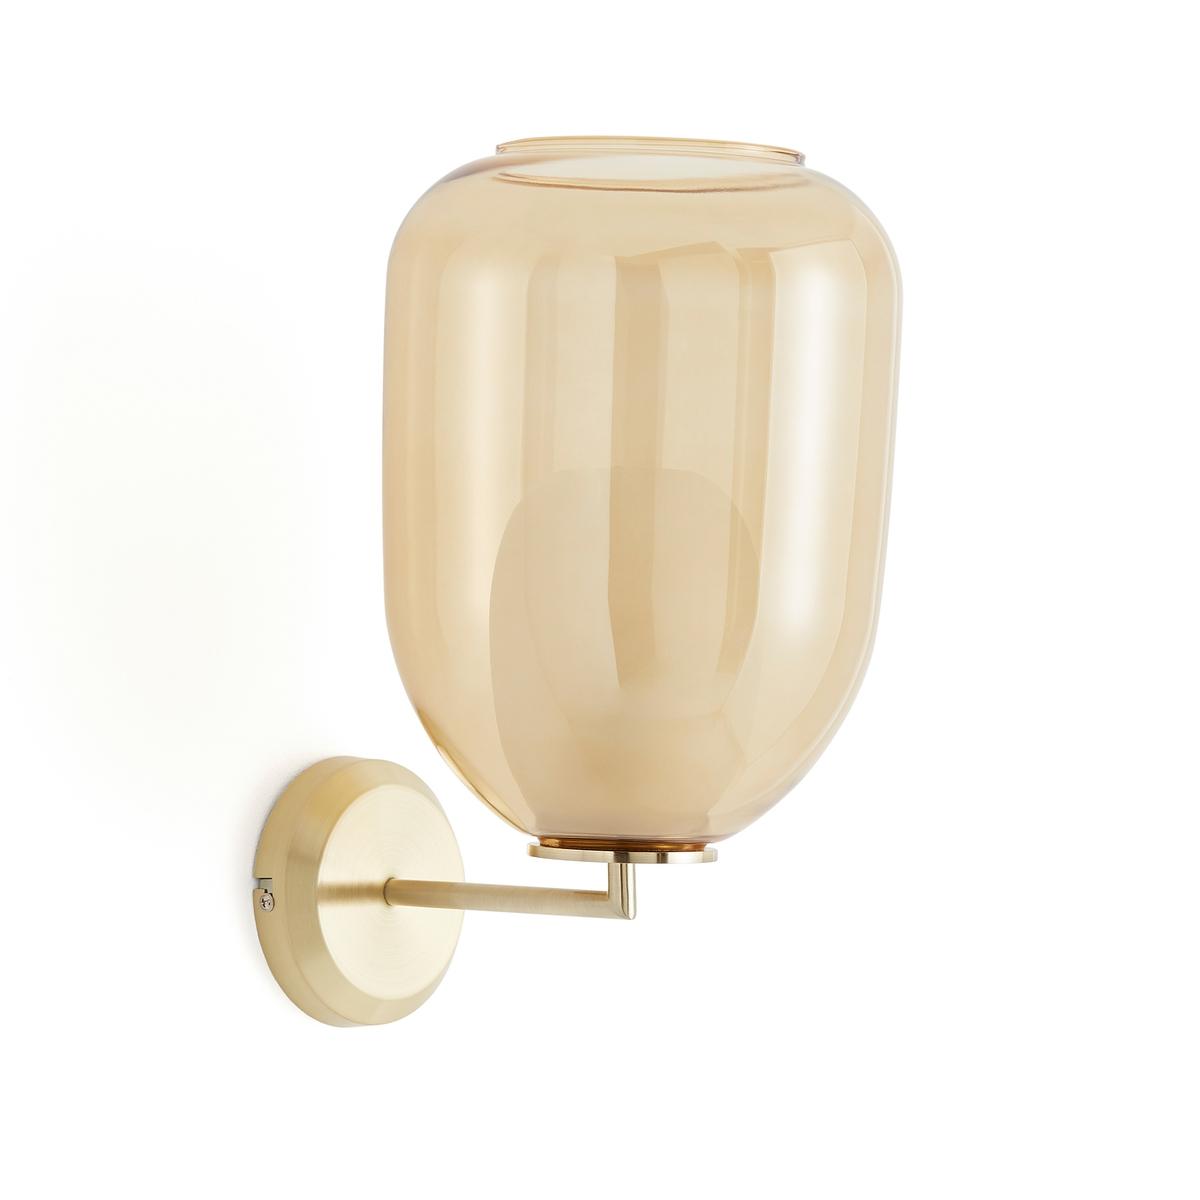 Светильник La Redoute Из латуни с двойным стеклом Bumble единый размер желтый